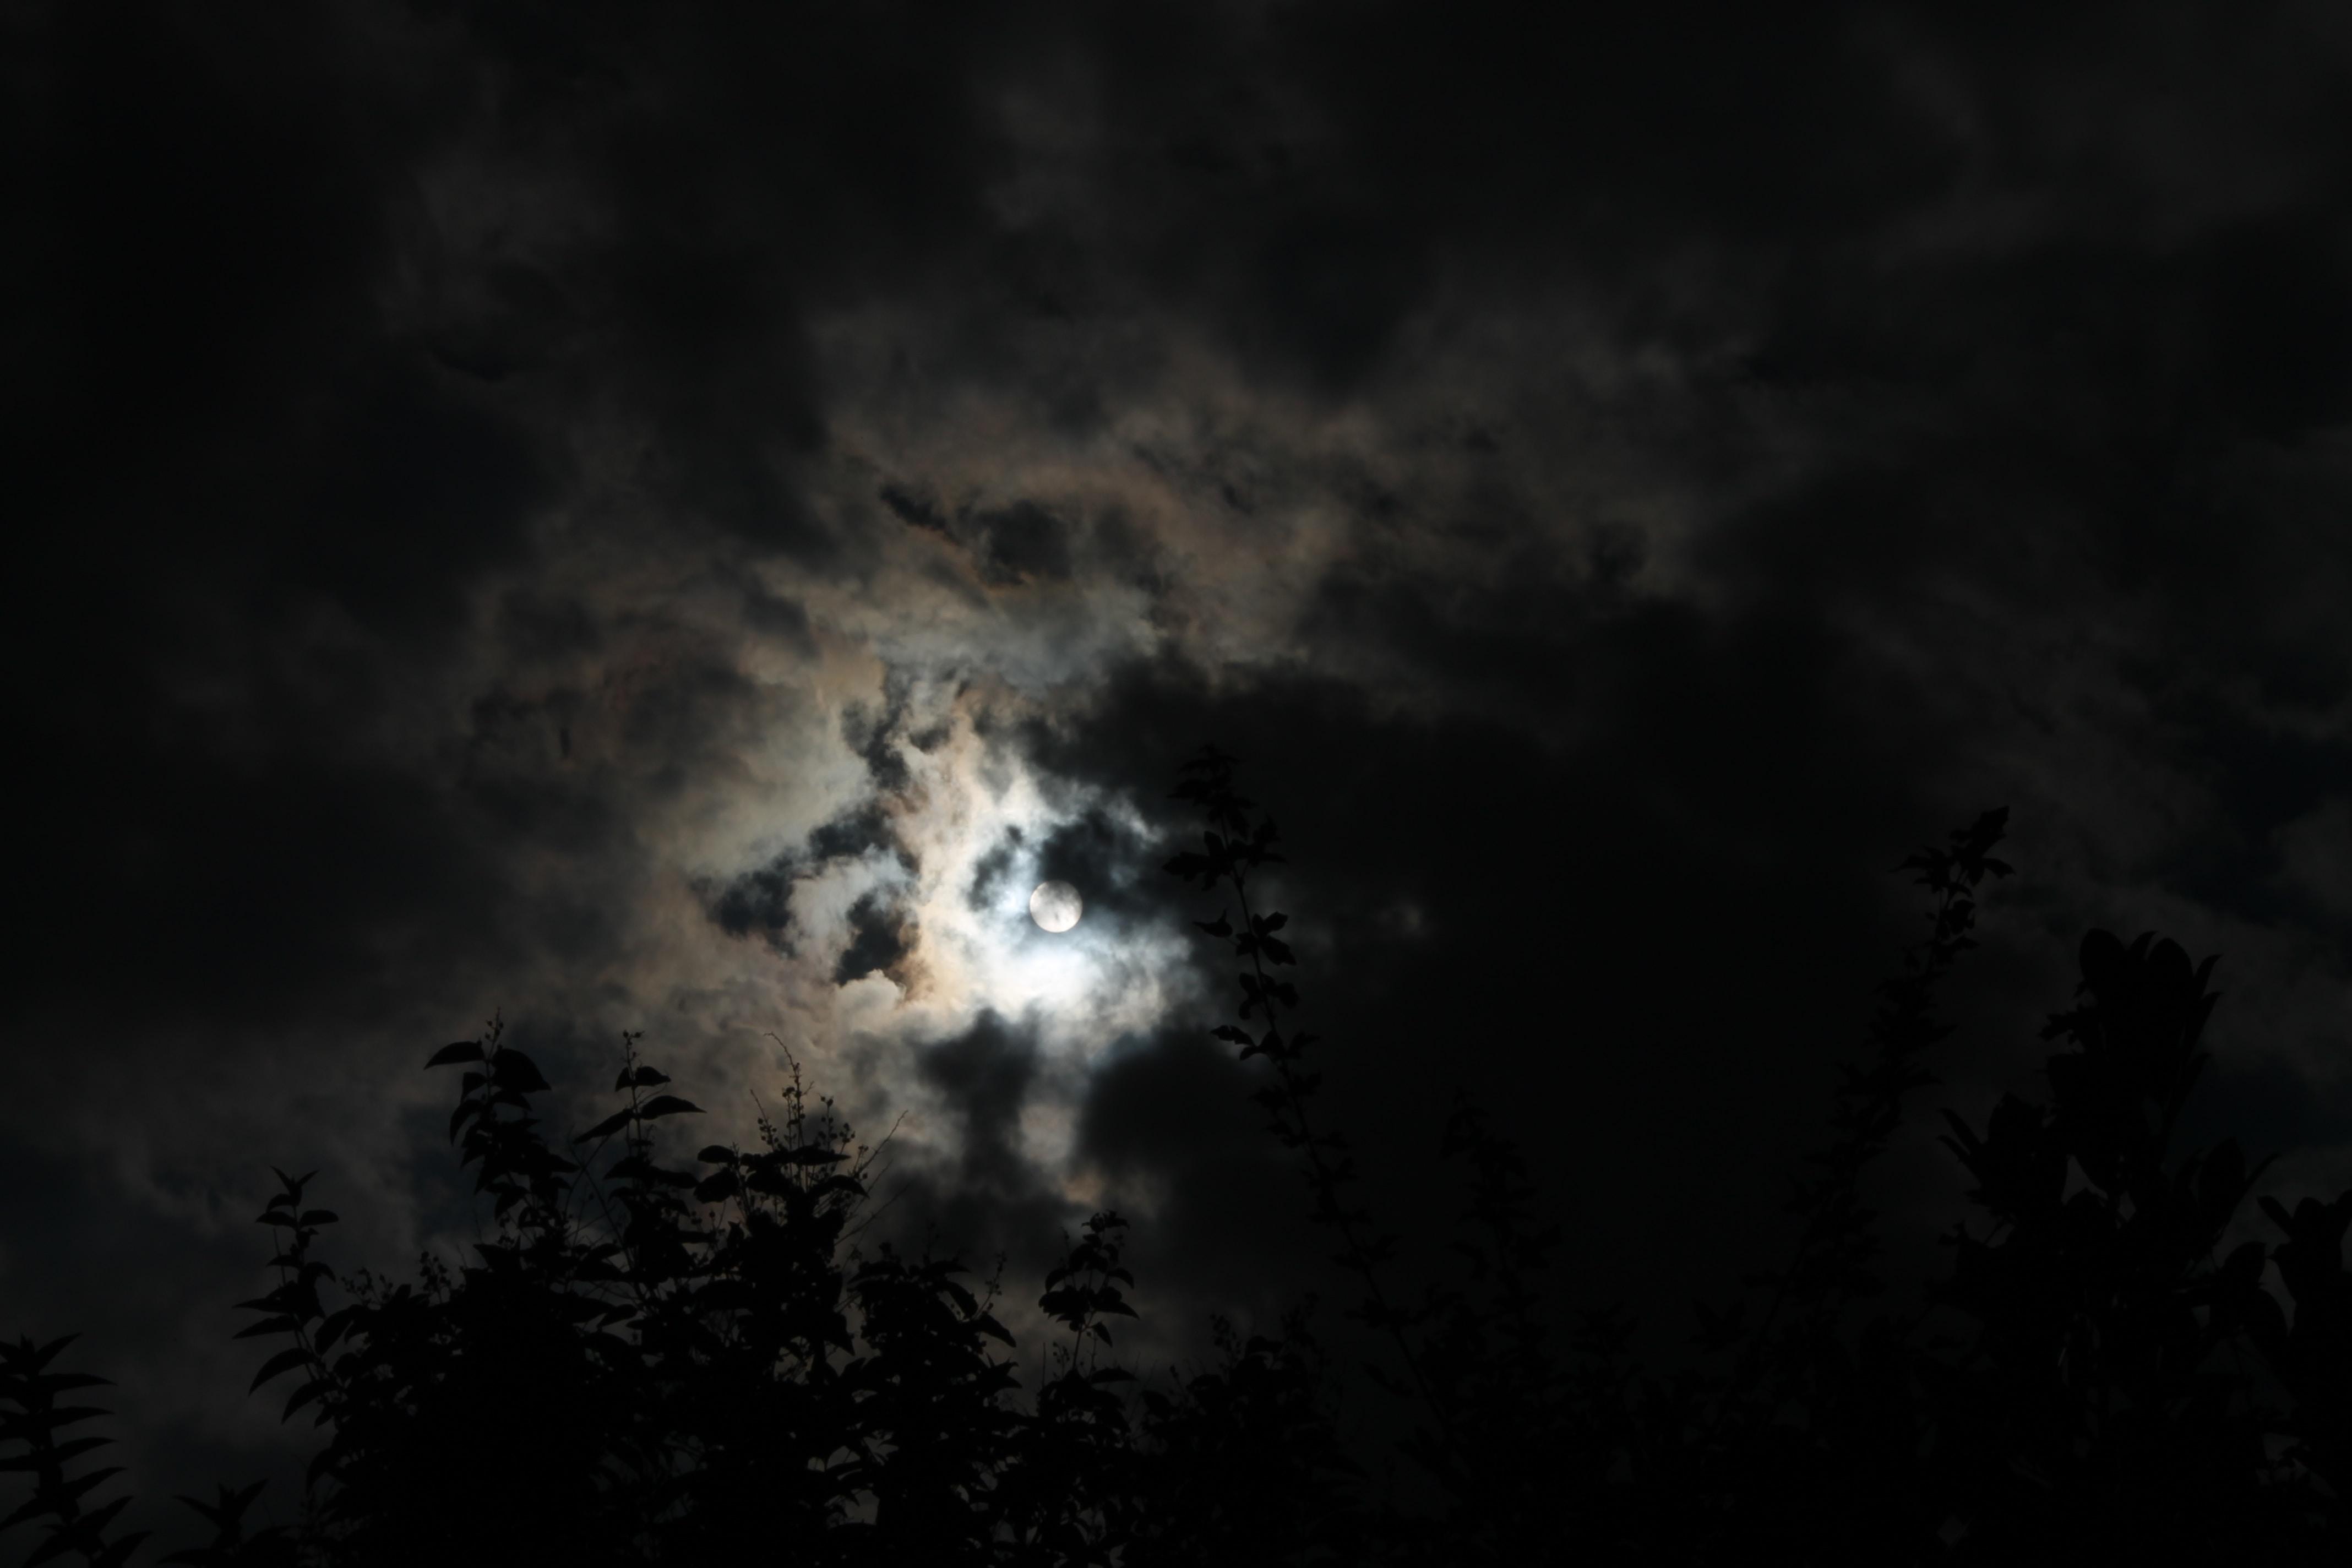 ماه برای همیشه پشت ابر نمیمونه. حقیقت و باطن آدمها و چیزها هم همینطور. نتایج اعمالمون هم یهو از پشت ابر در میان.